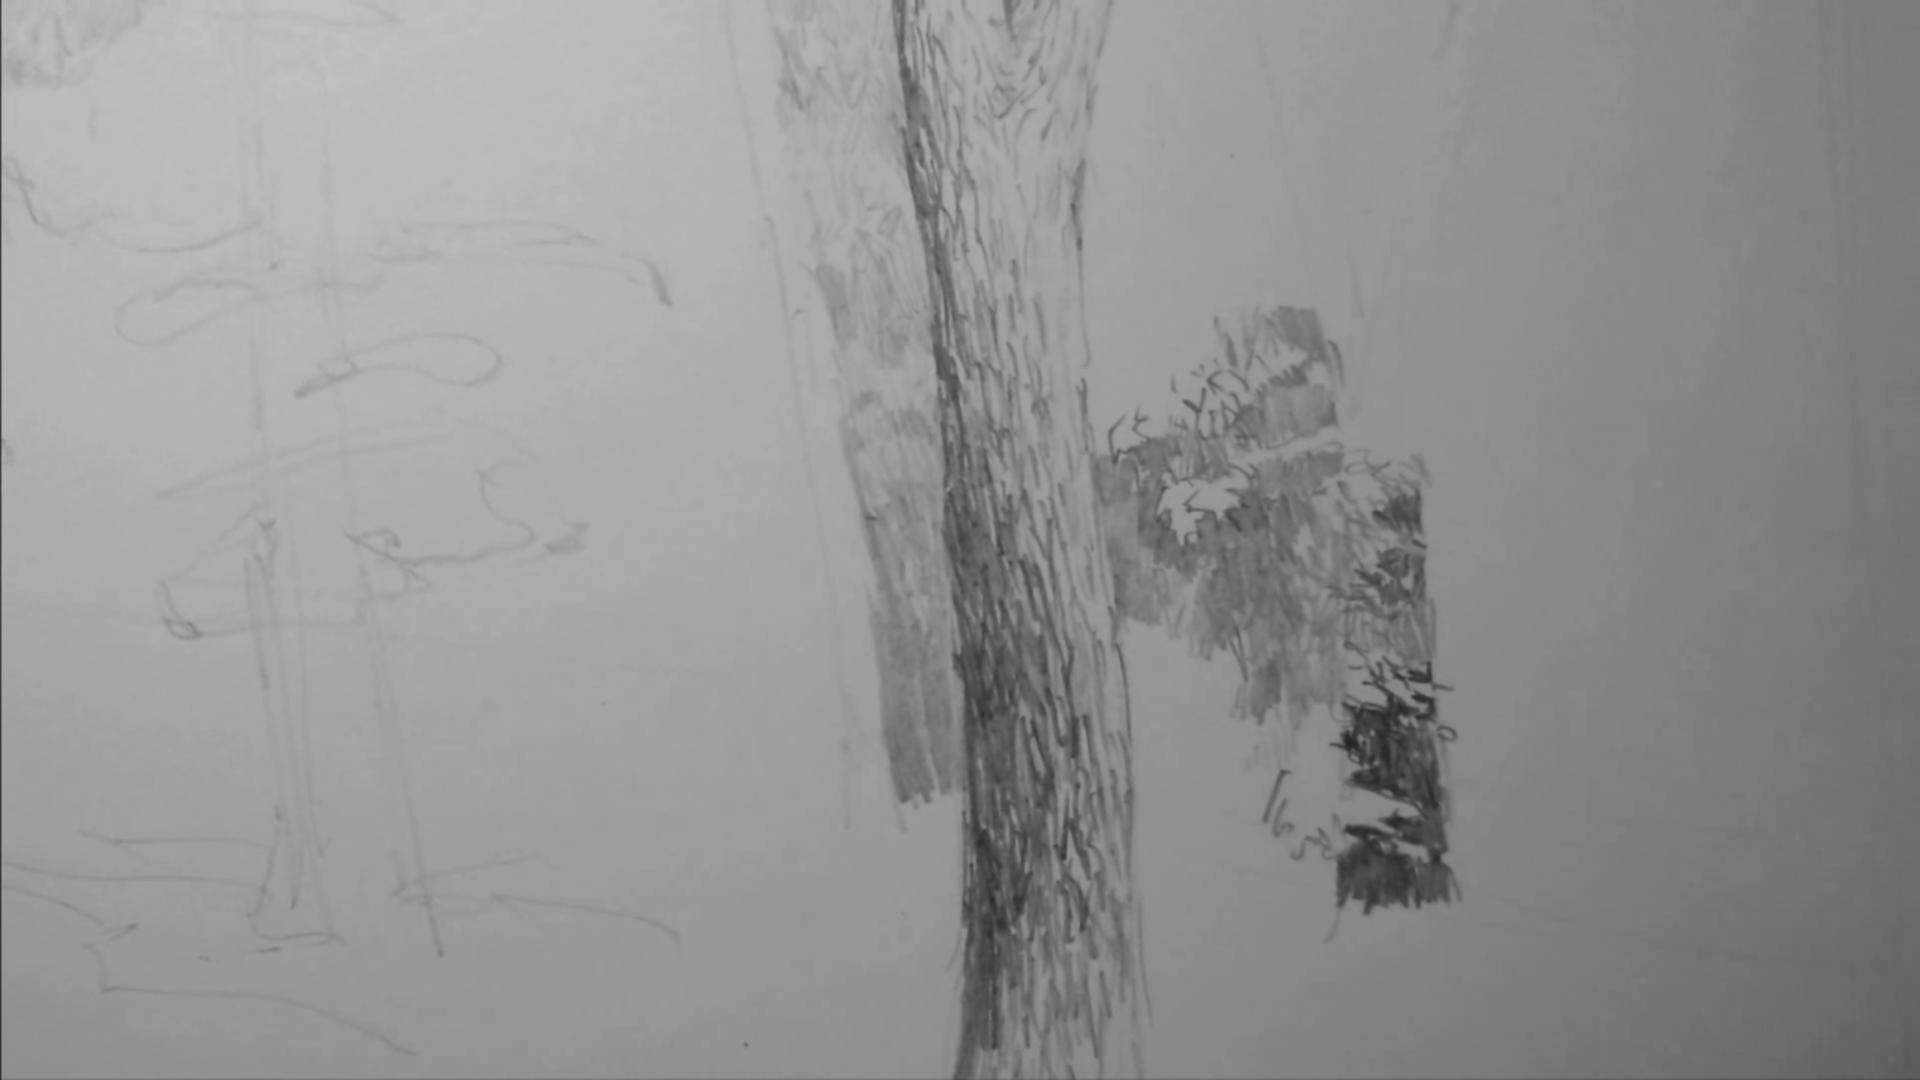 001 Рисунок карандашом_В лесу